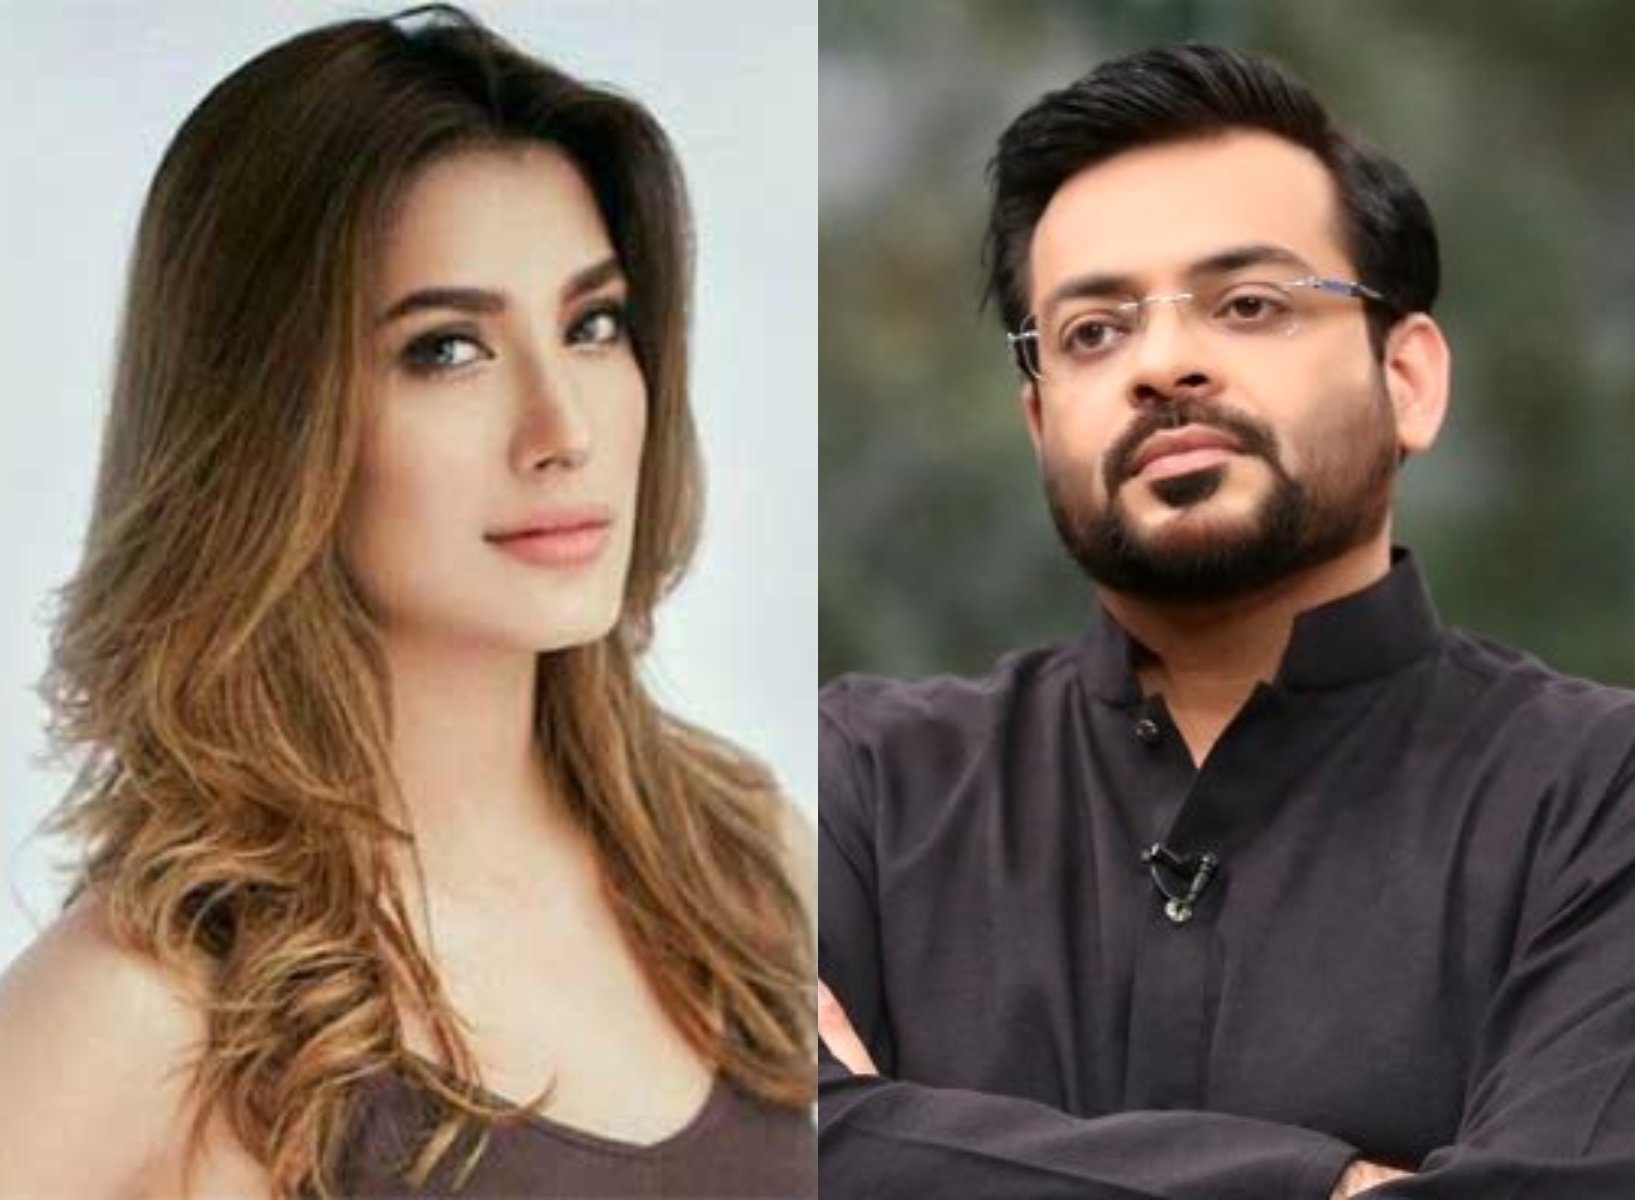 mehwish hayat shuts down aamir liaquat over sexist comments